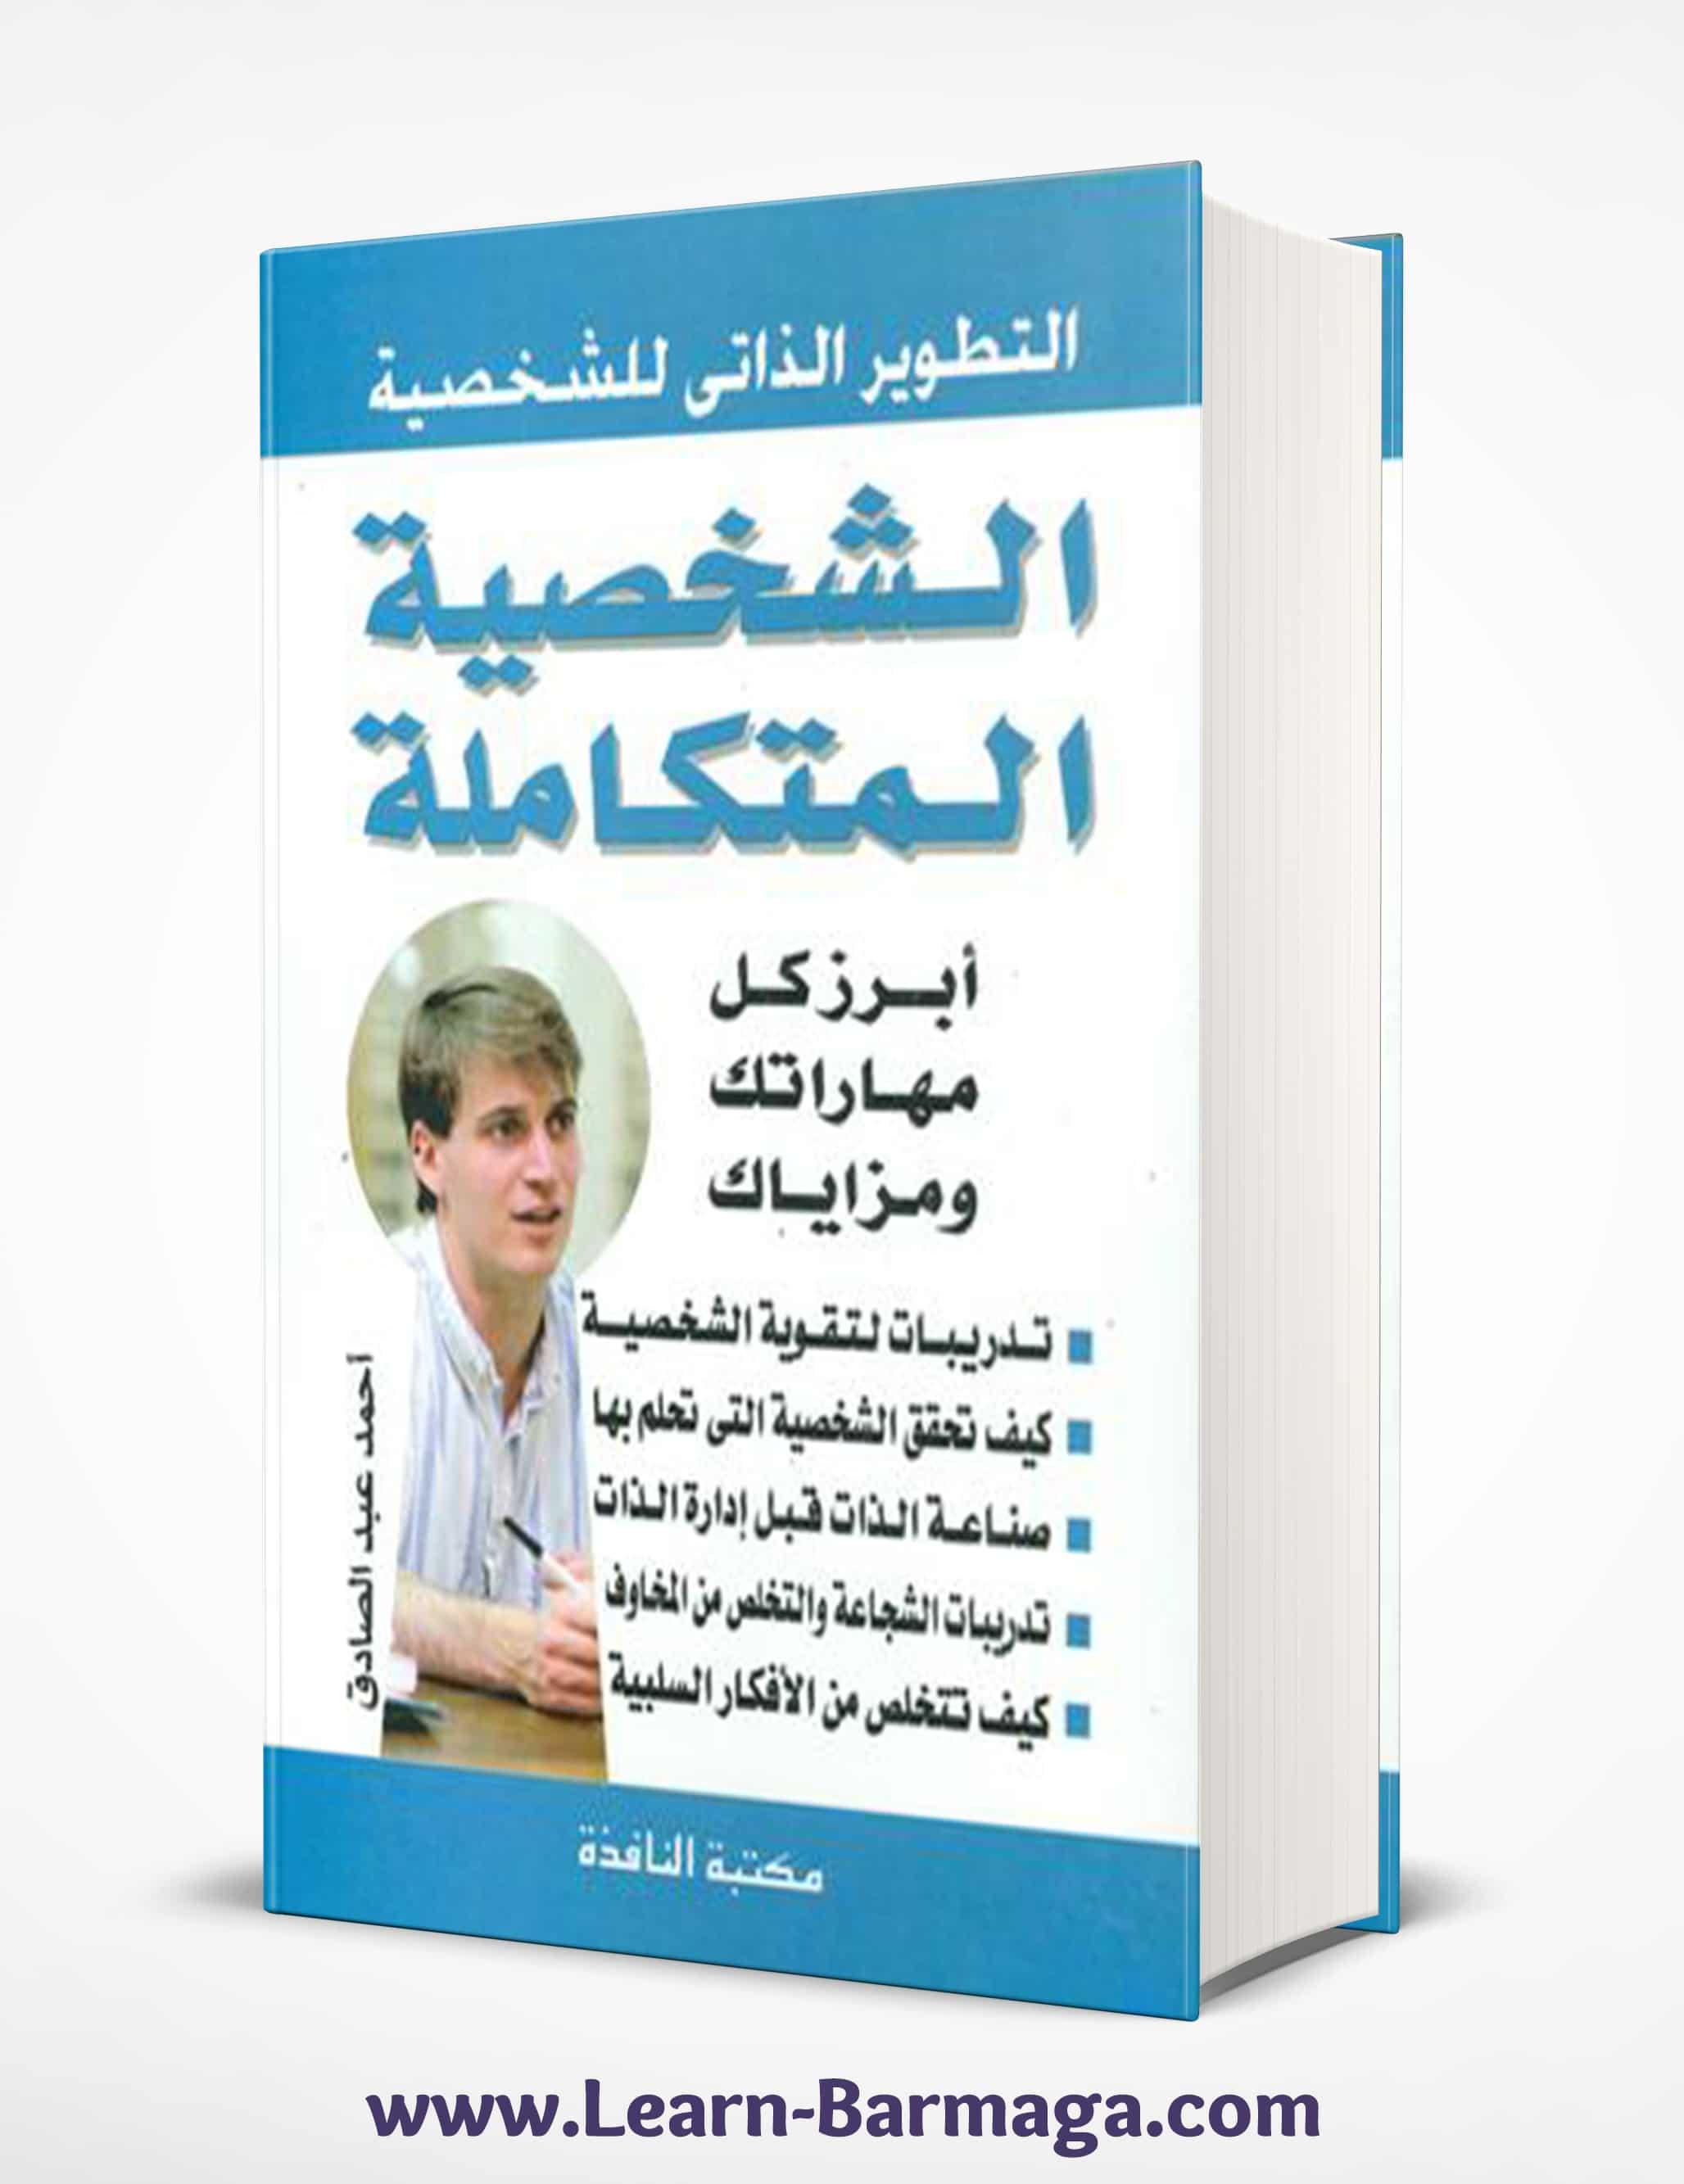 كتاب تغيير الشخصية pdf